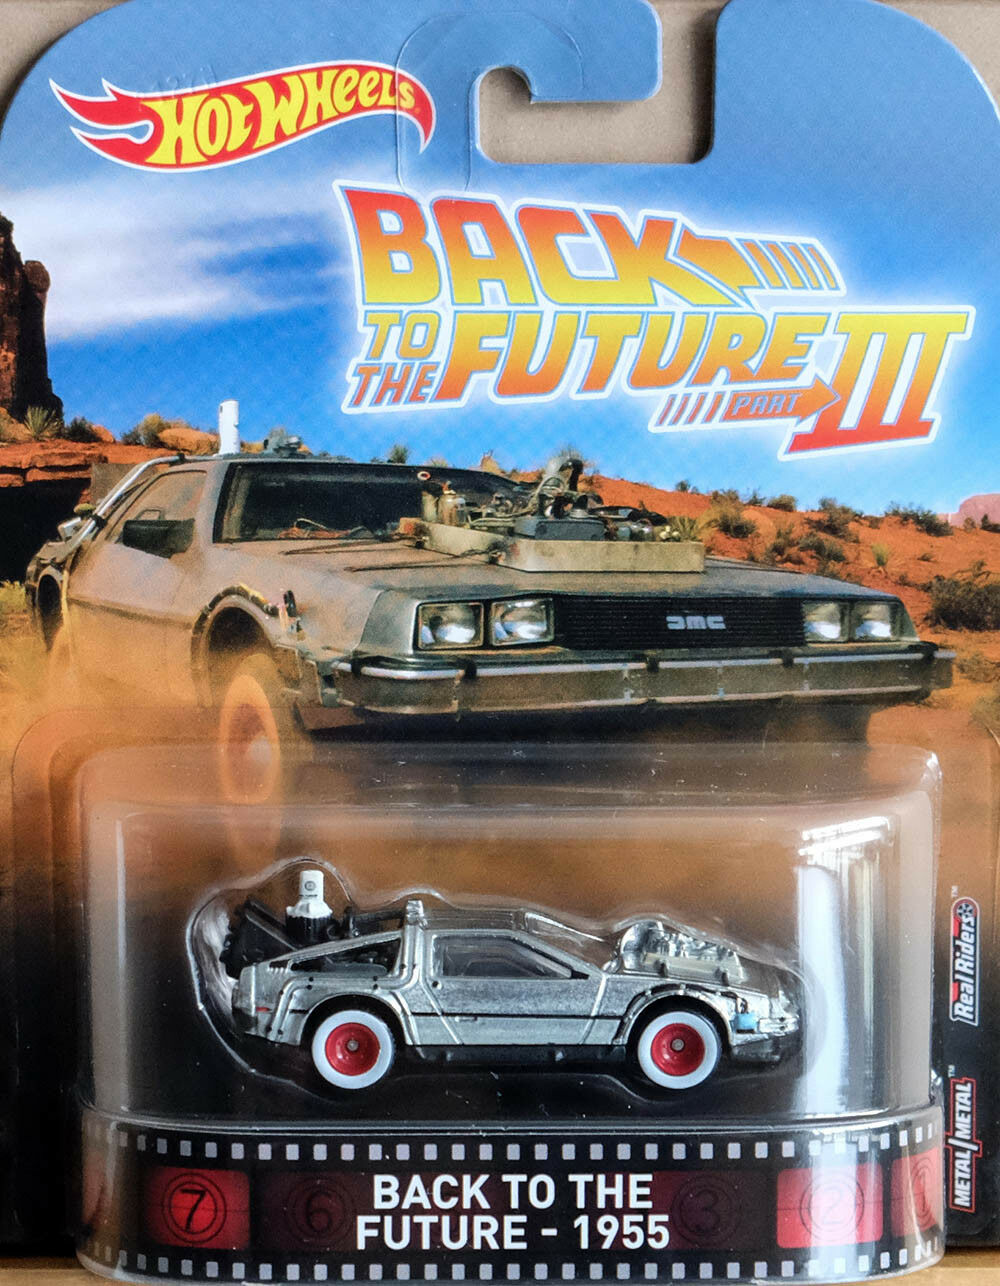 DeLorean Time Machine Back To The Future III 1955 Retro 1:64 Hot Wheels DWJ77